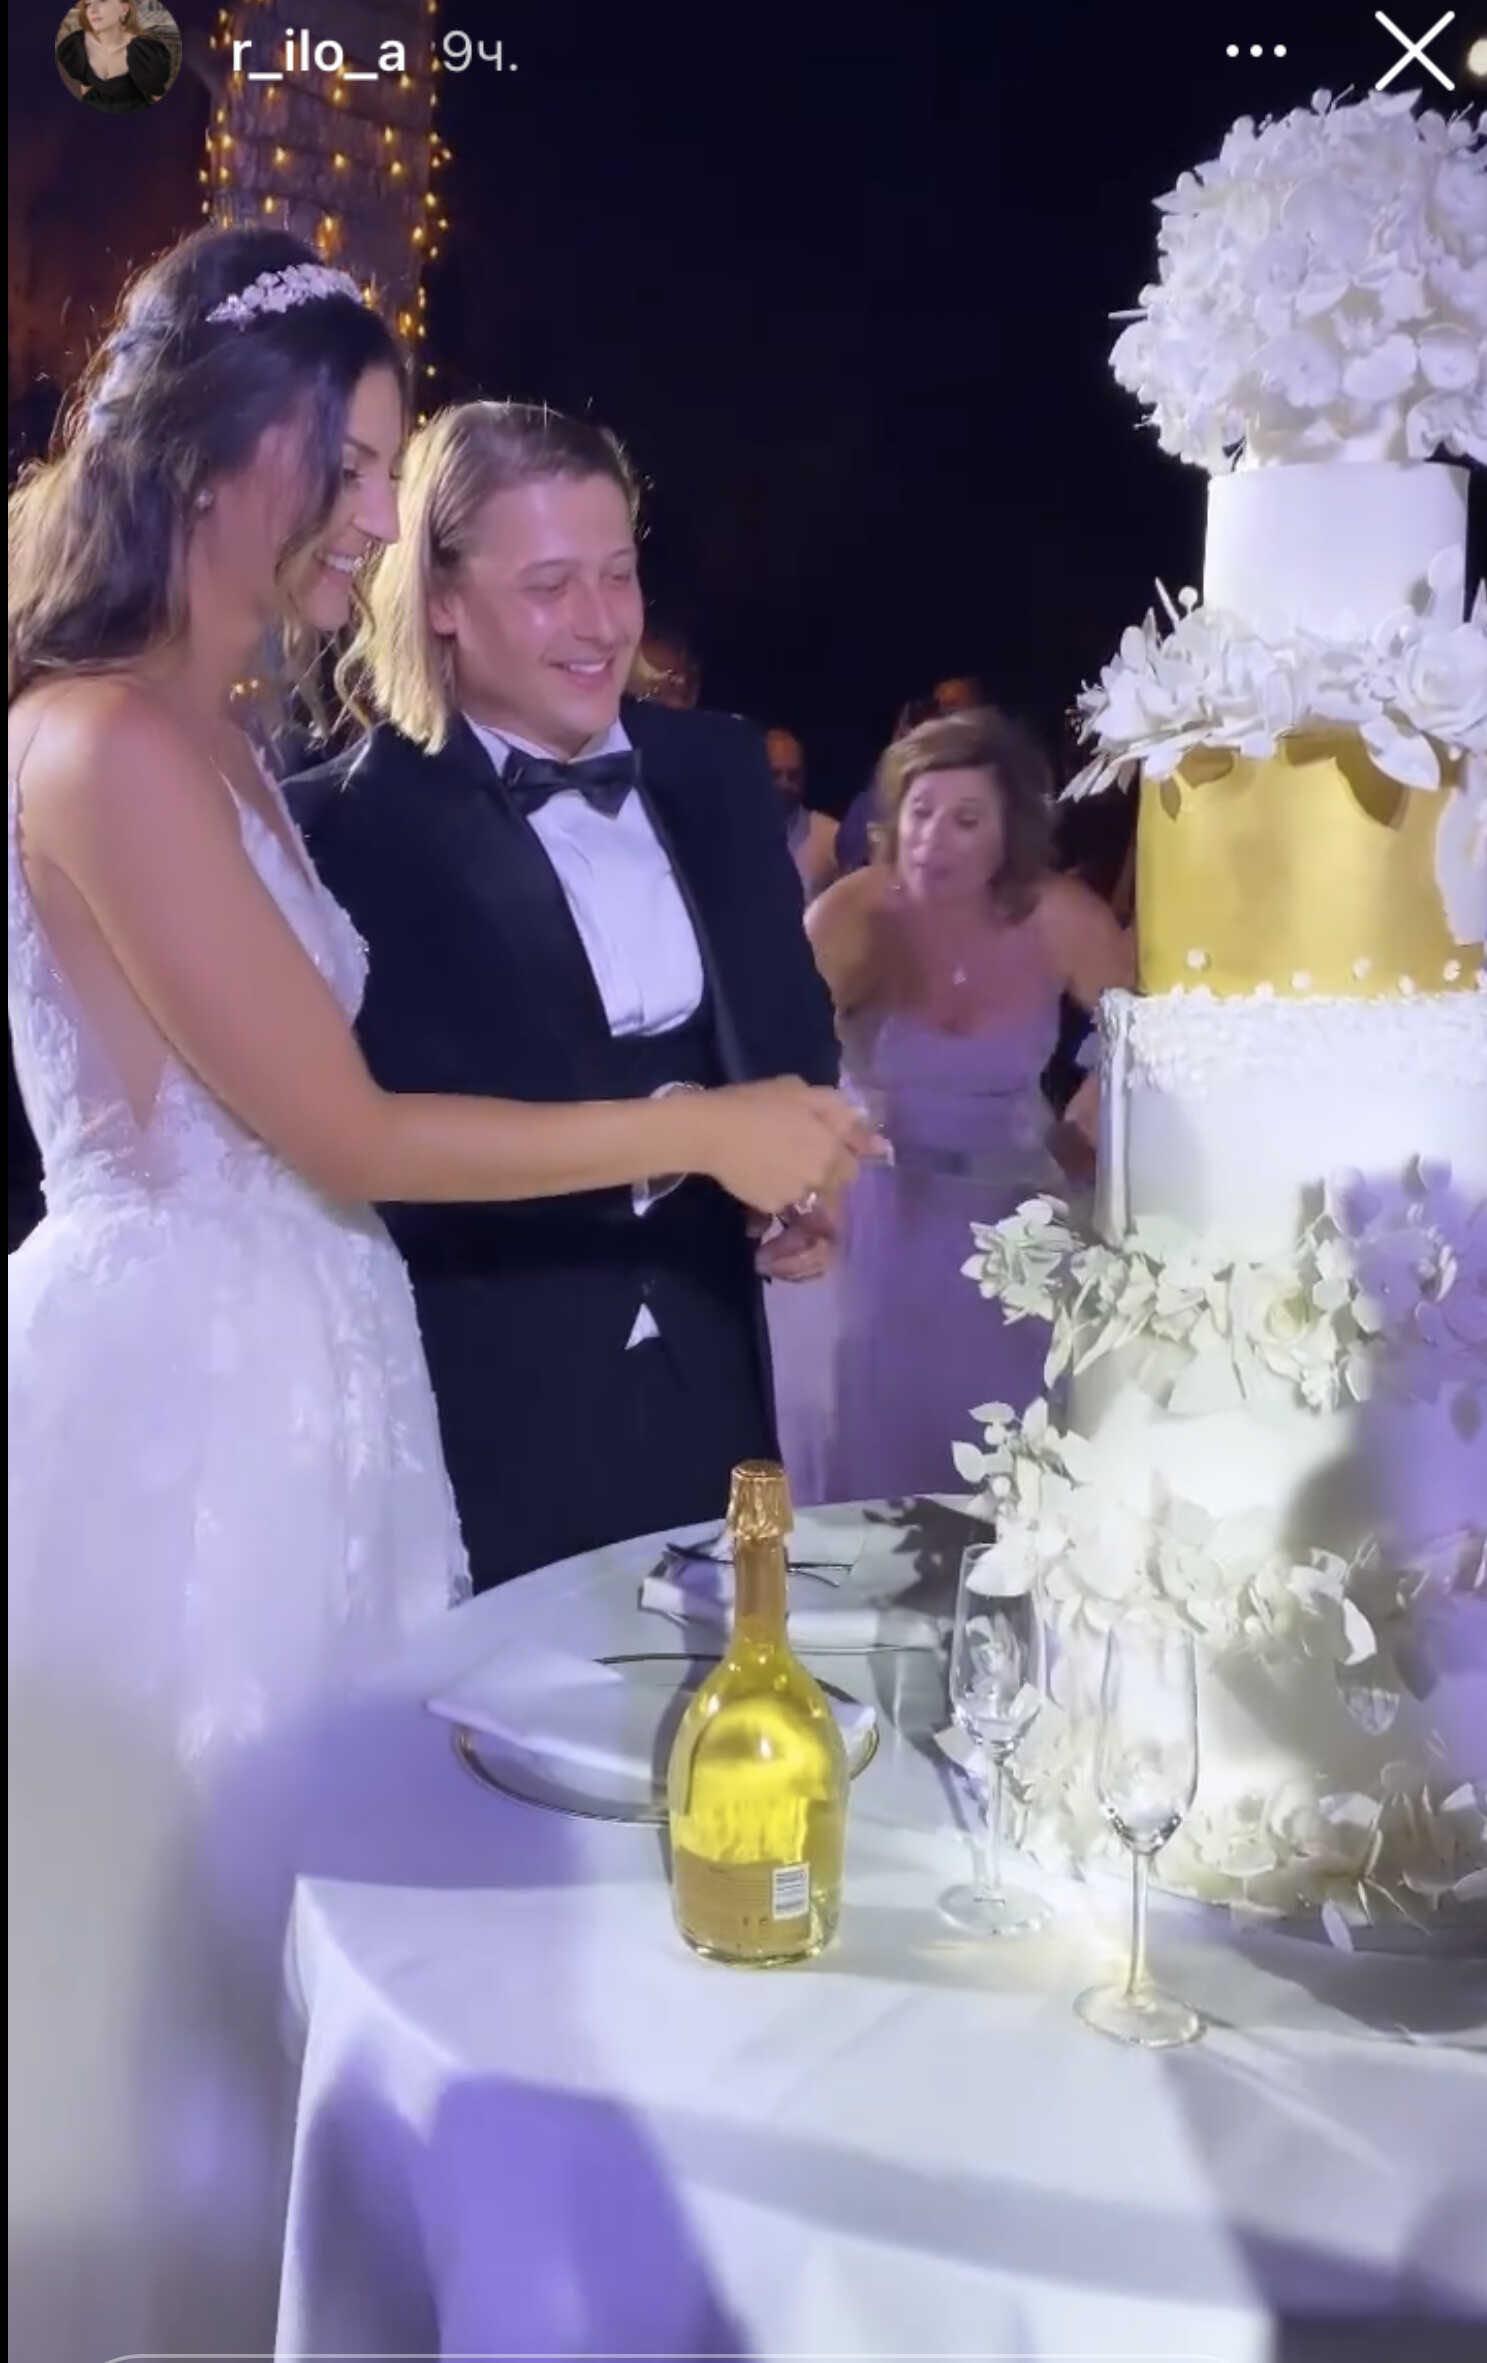 Пасынок Стаса Михайлова женился: снимки с венчания и последующей пирушки